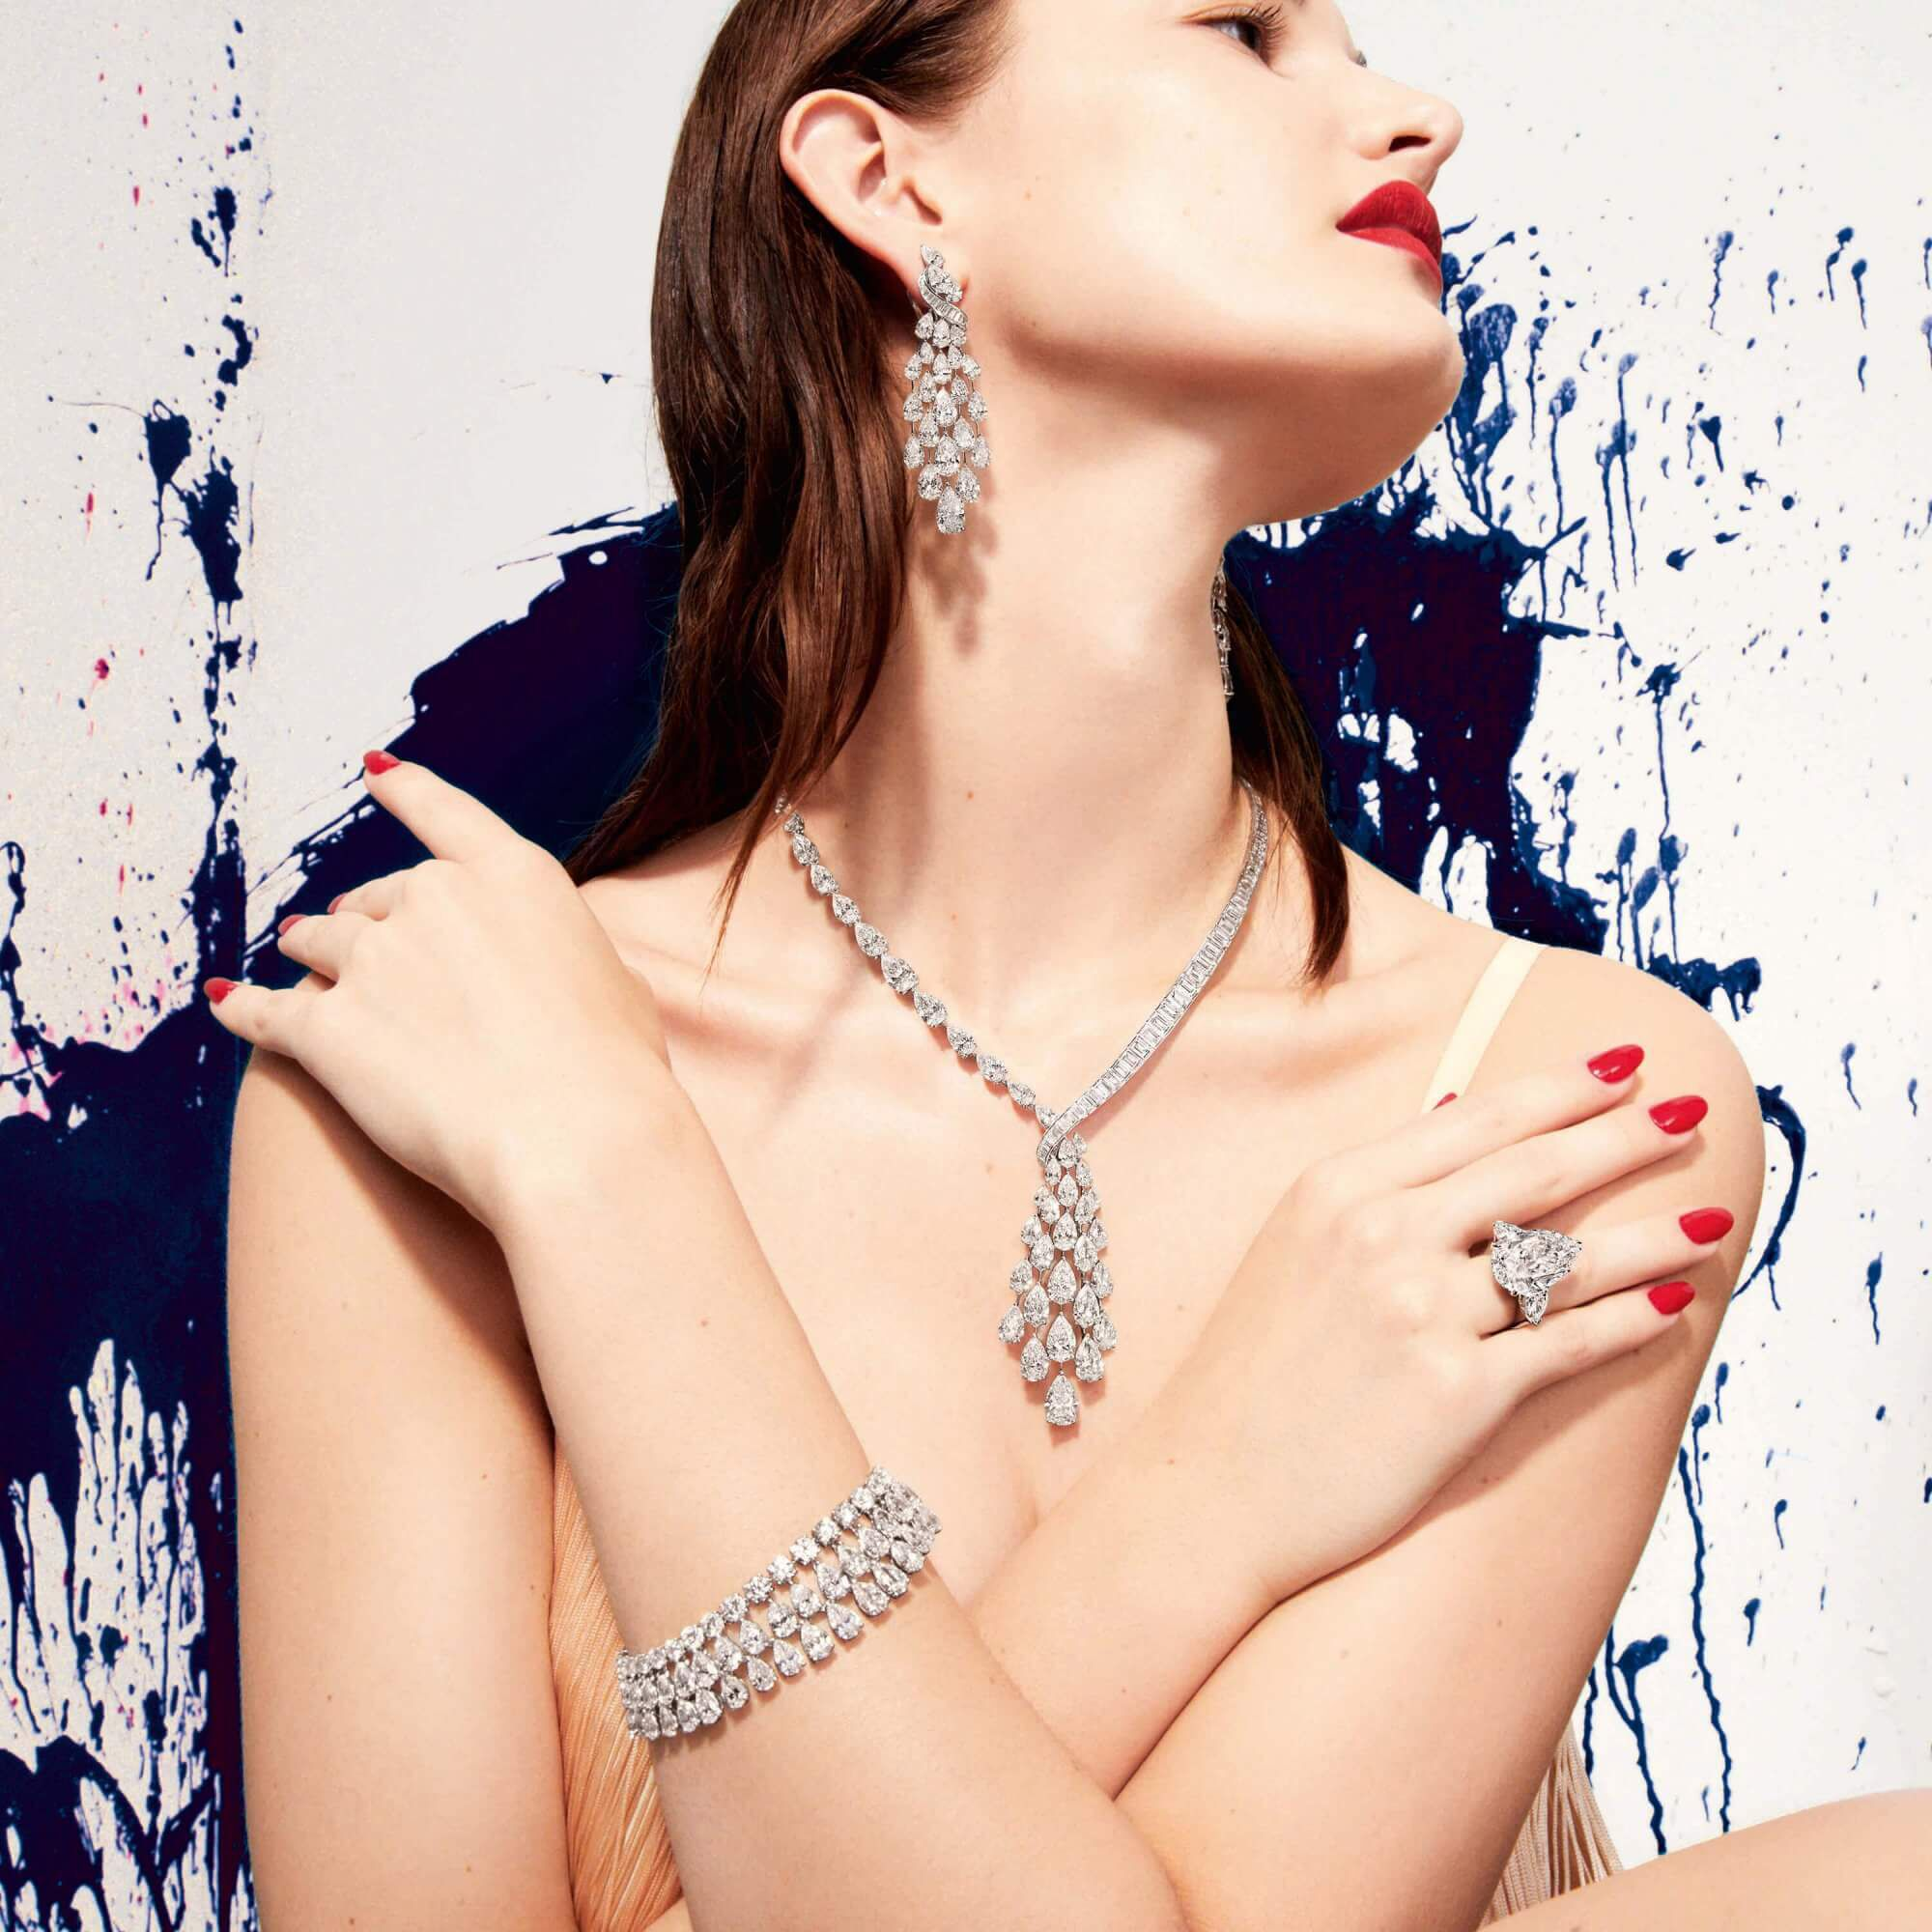 Model wears Graff Diamond necklace, earrings, bracelet and 14.02 carat pear shape diamond ring